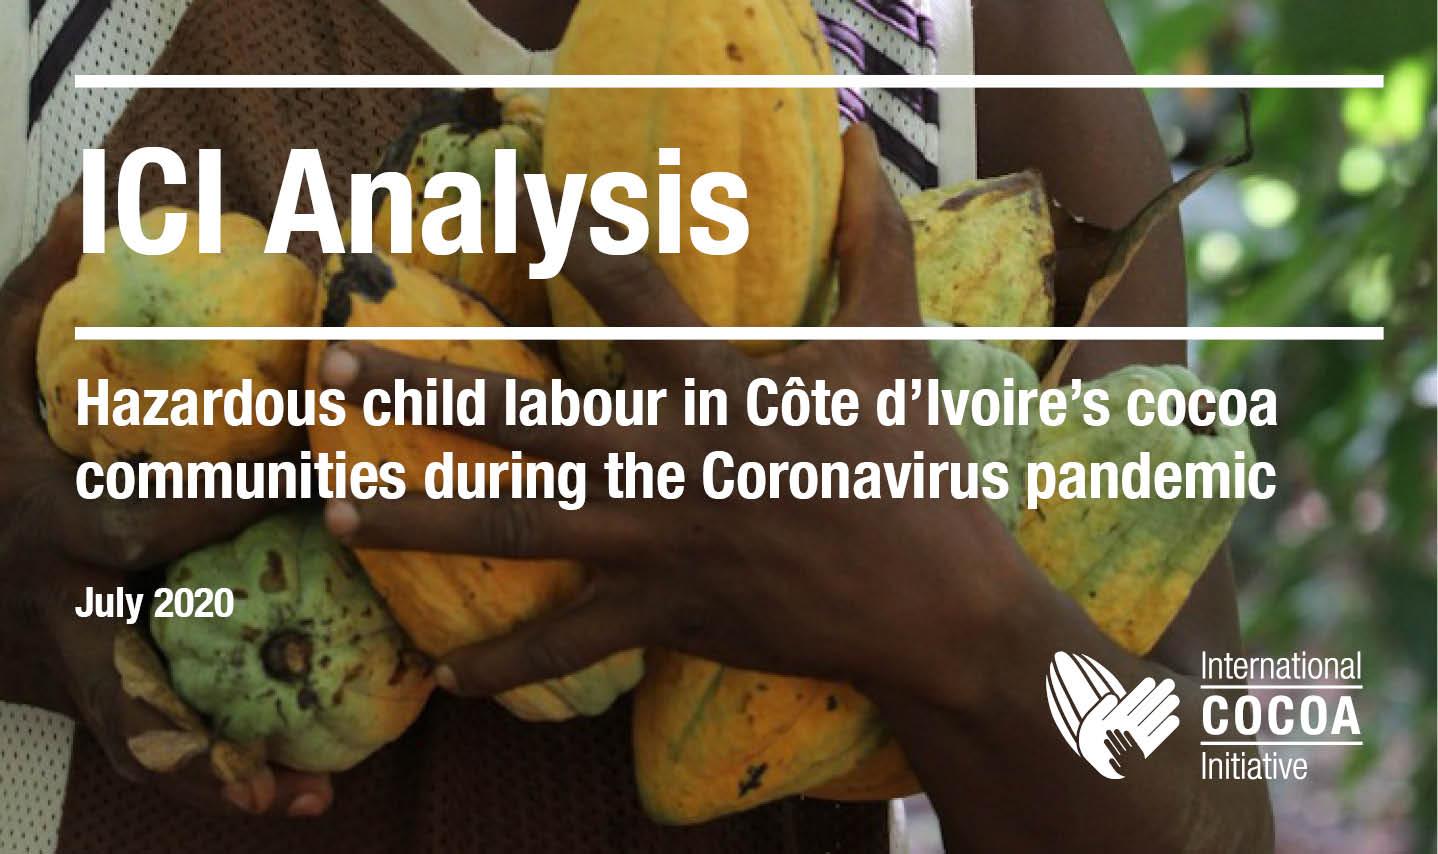 Hazardous child labour in Côte d'Ivoire's cocoa communities during COVID-19